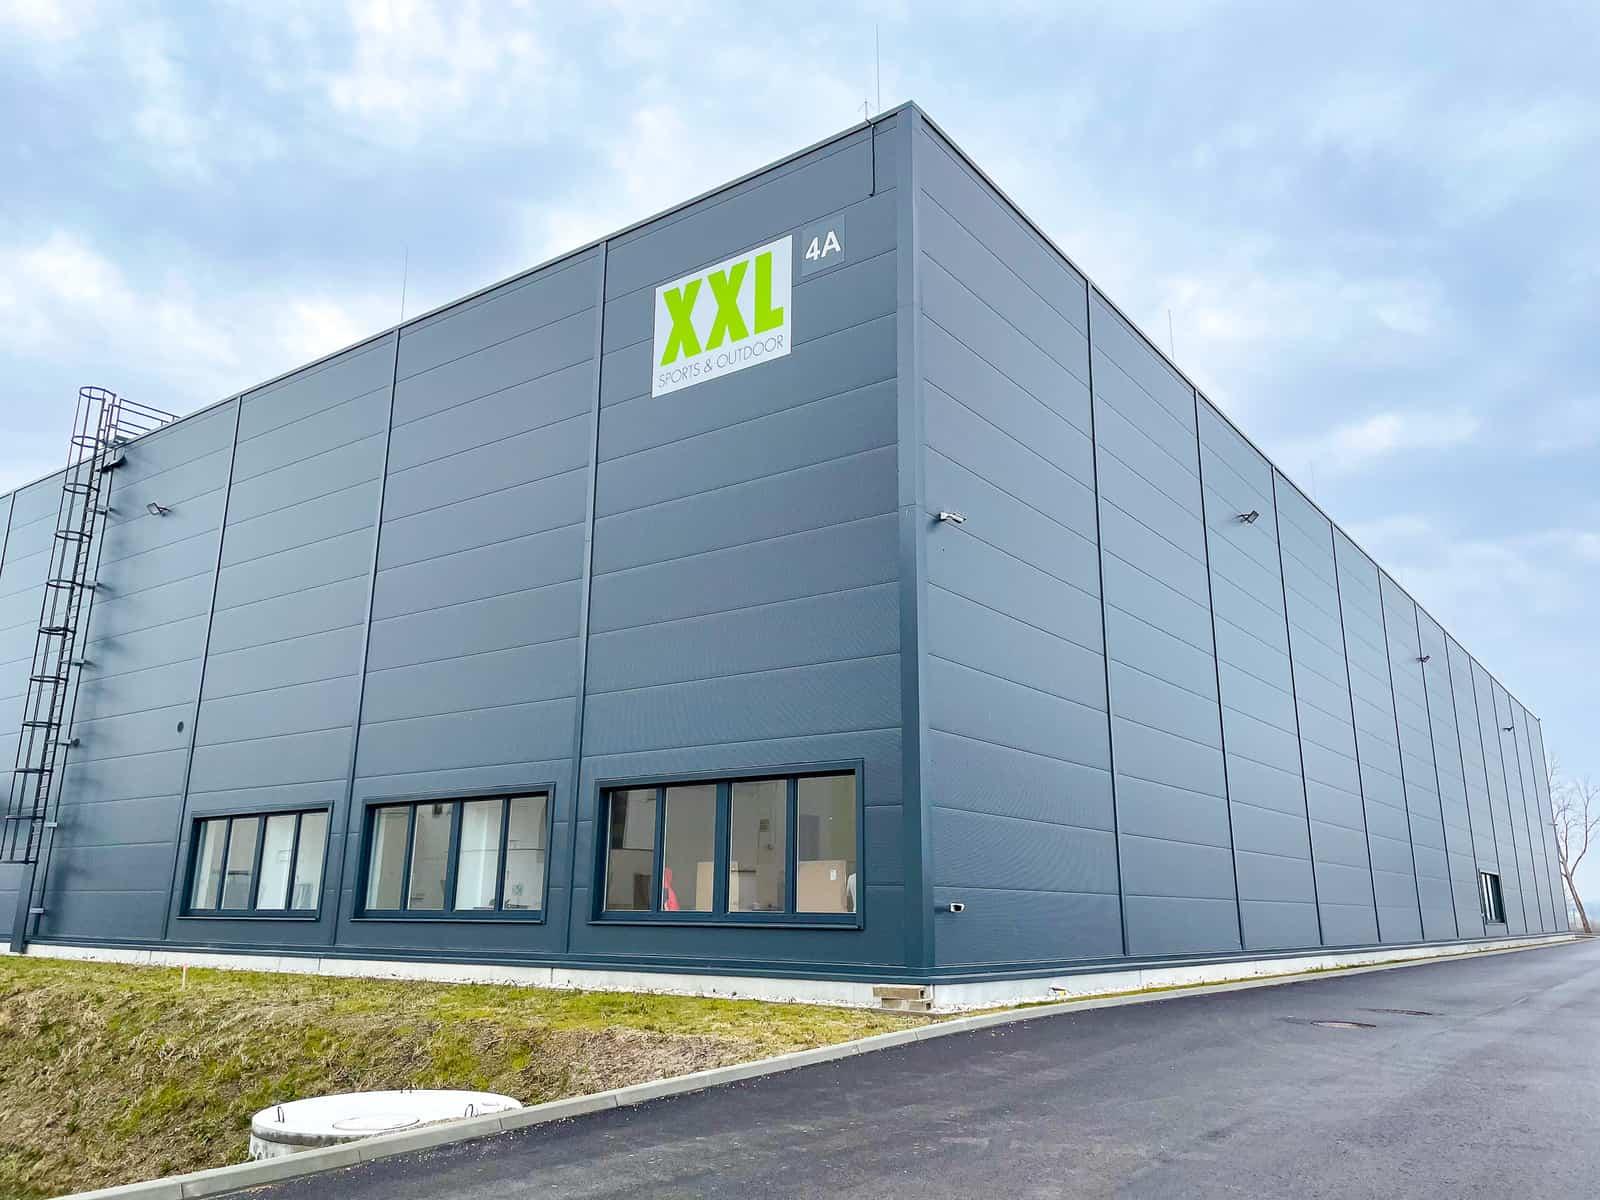 Central Warehouse Austria XXL Gebäude von außen